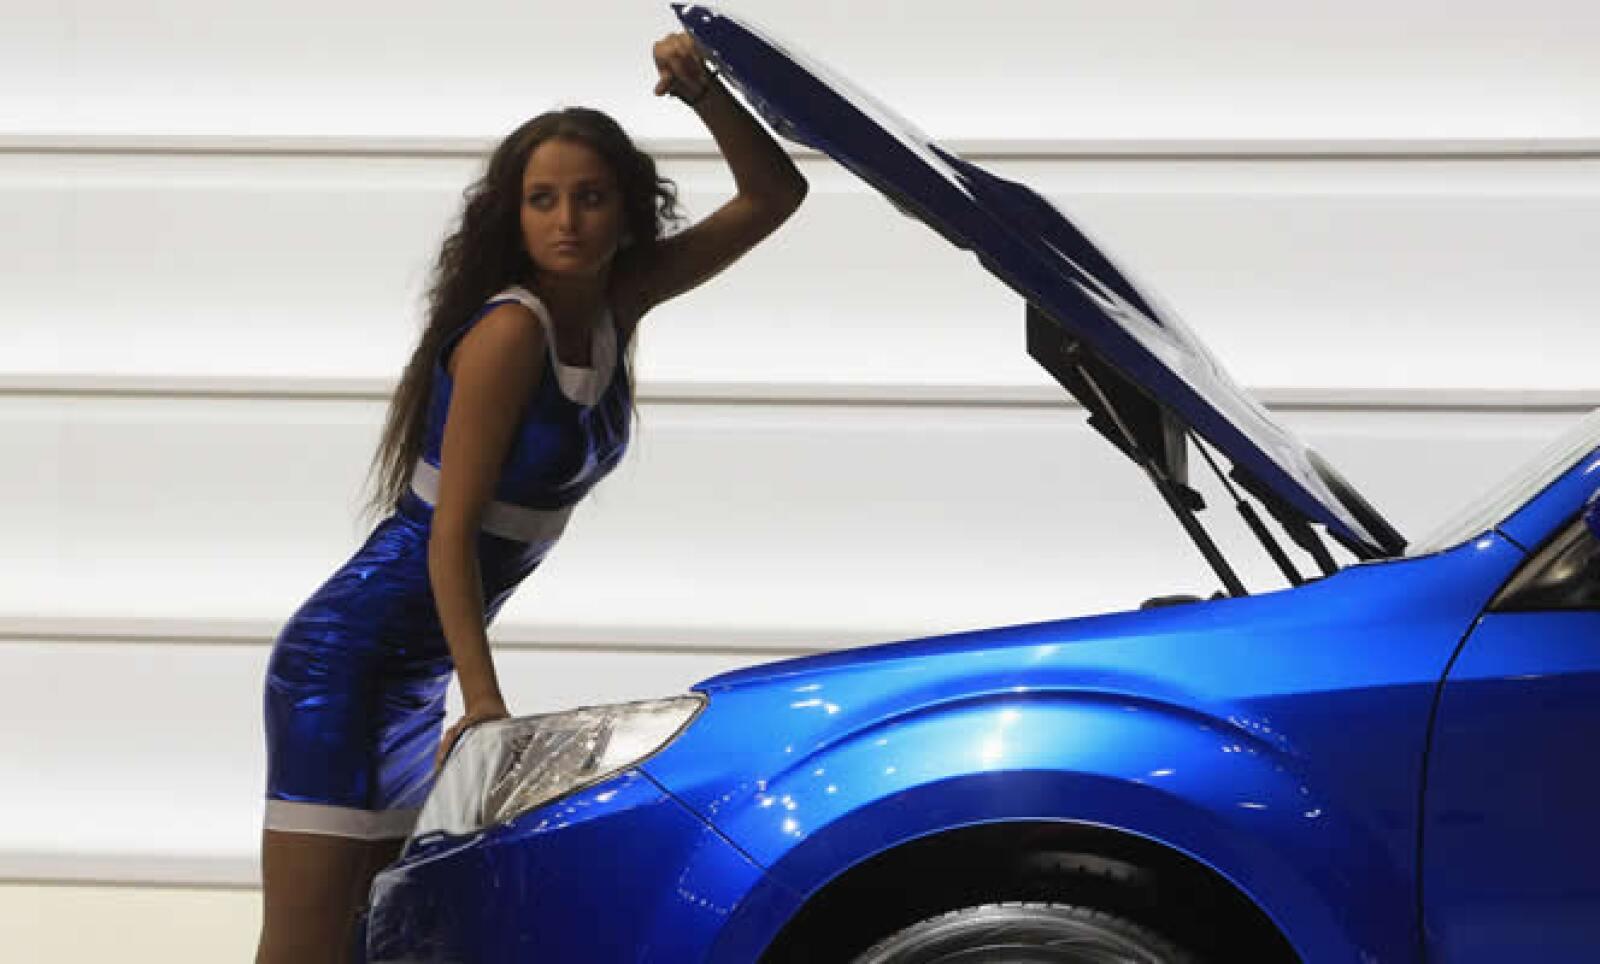 Las ventas de vehículos de firmas extranjeras llegaron al millón el año pasado por primera vez en la historia.